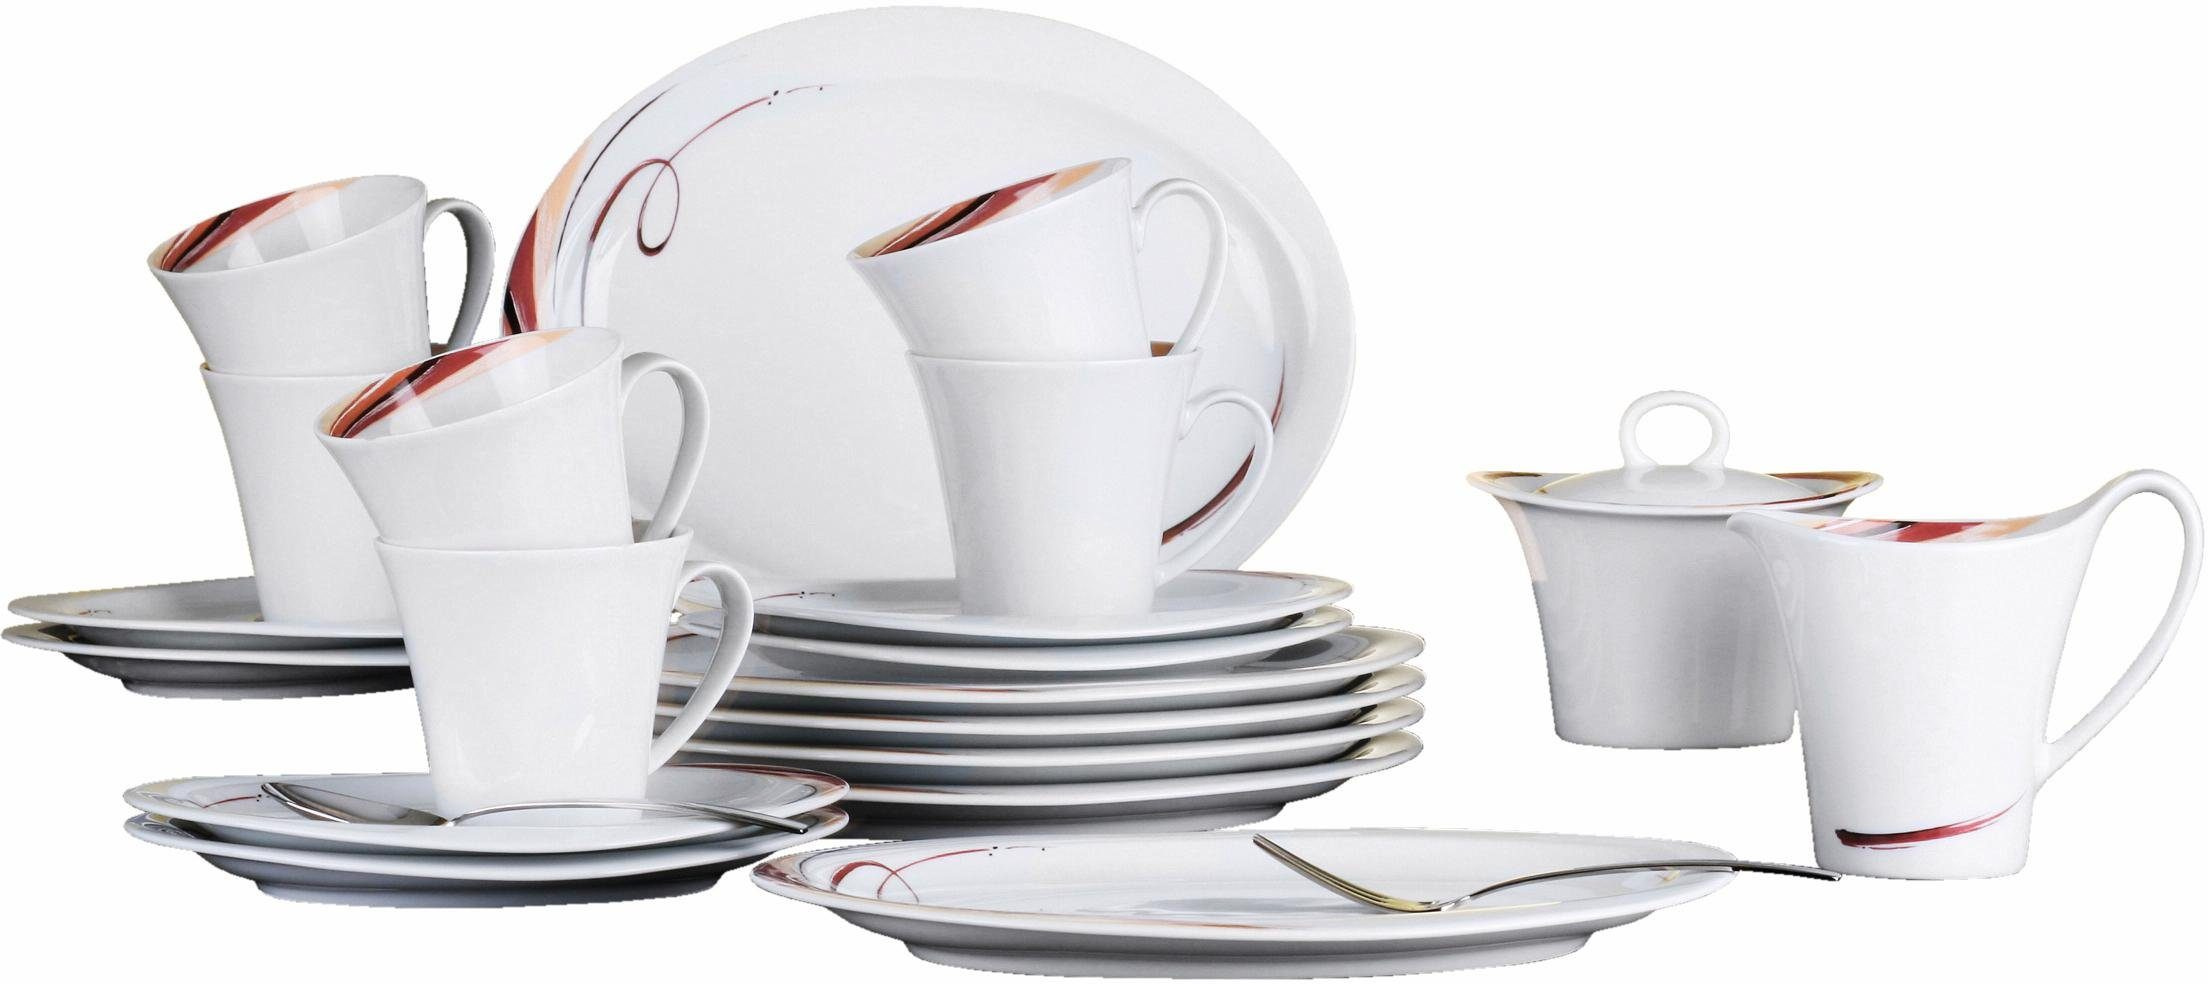 Seltmann Weiden Kaffeeservice, Porzellan, 20 Teile, »Top Life Aruba«